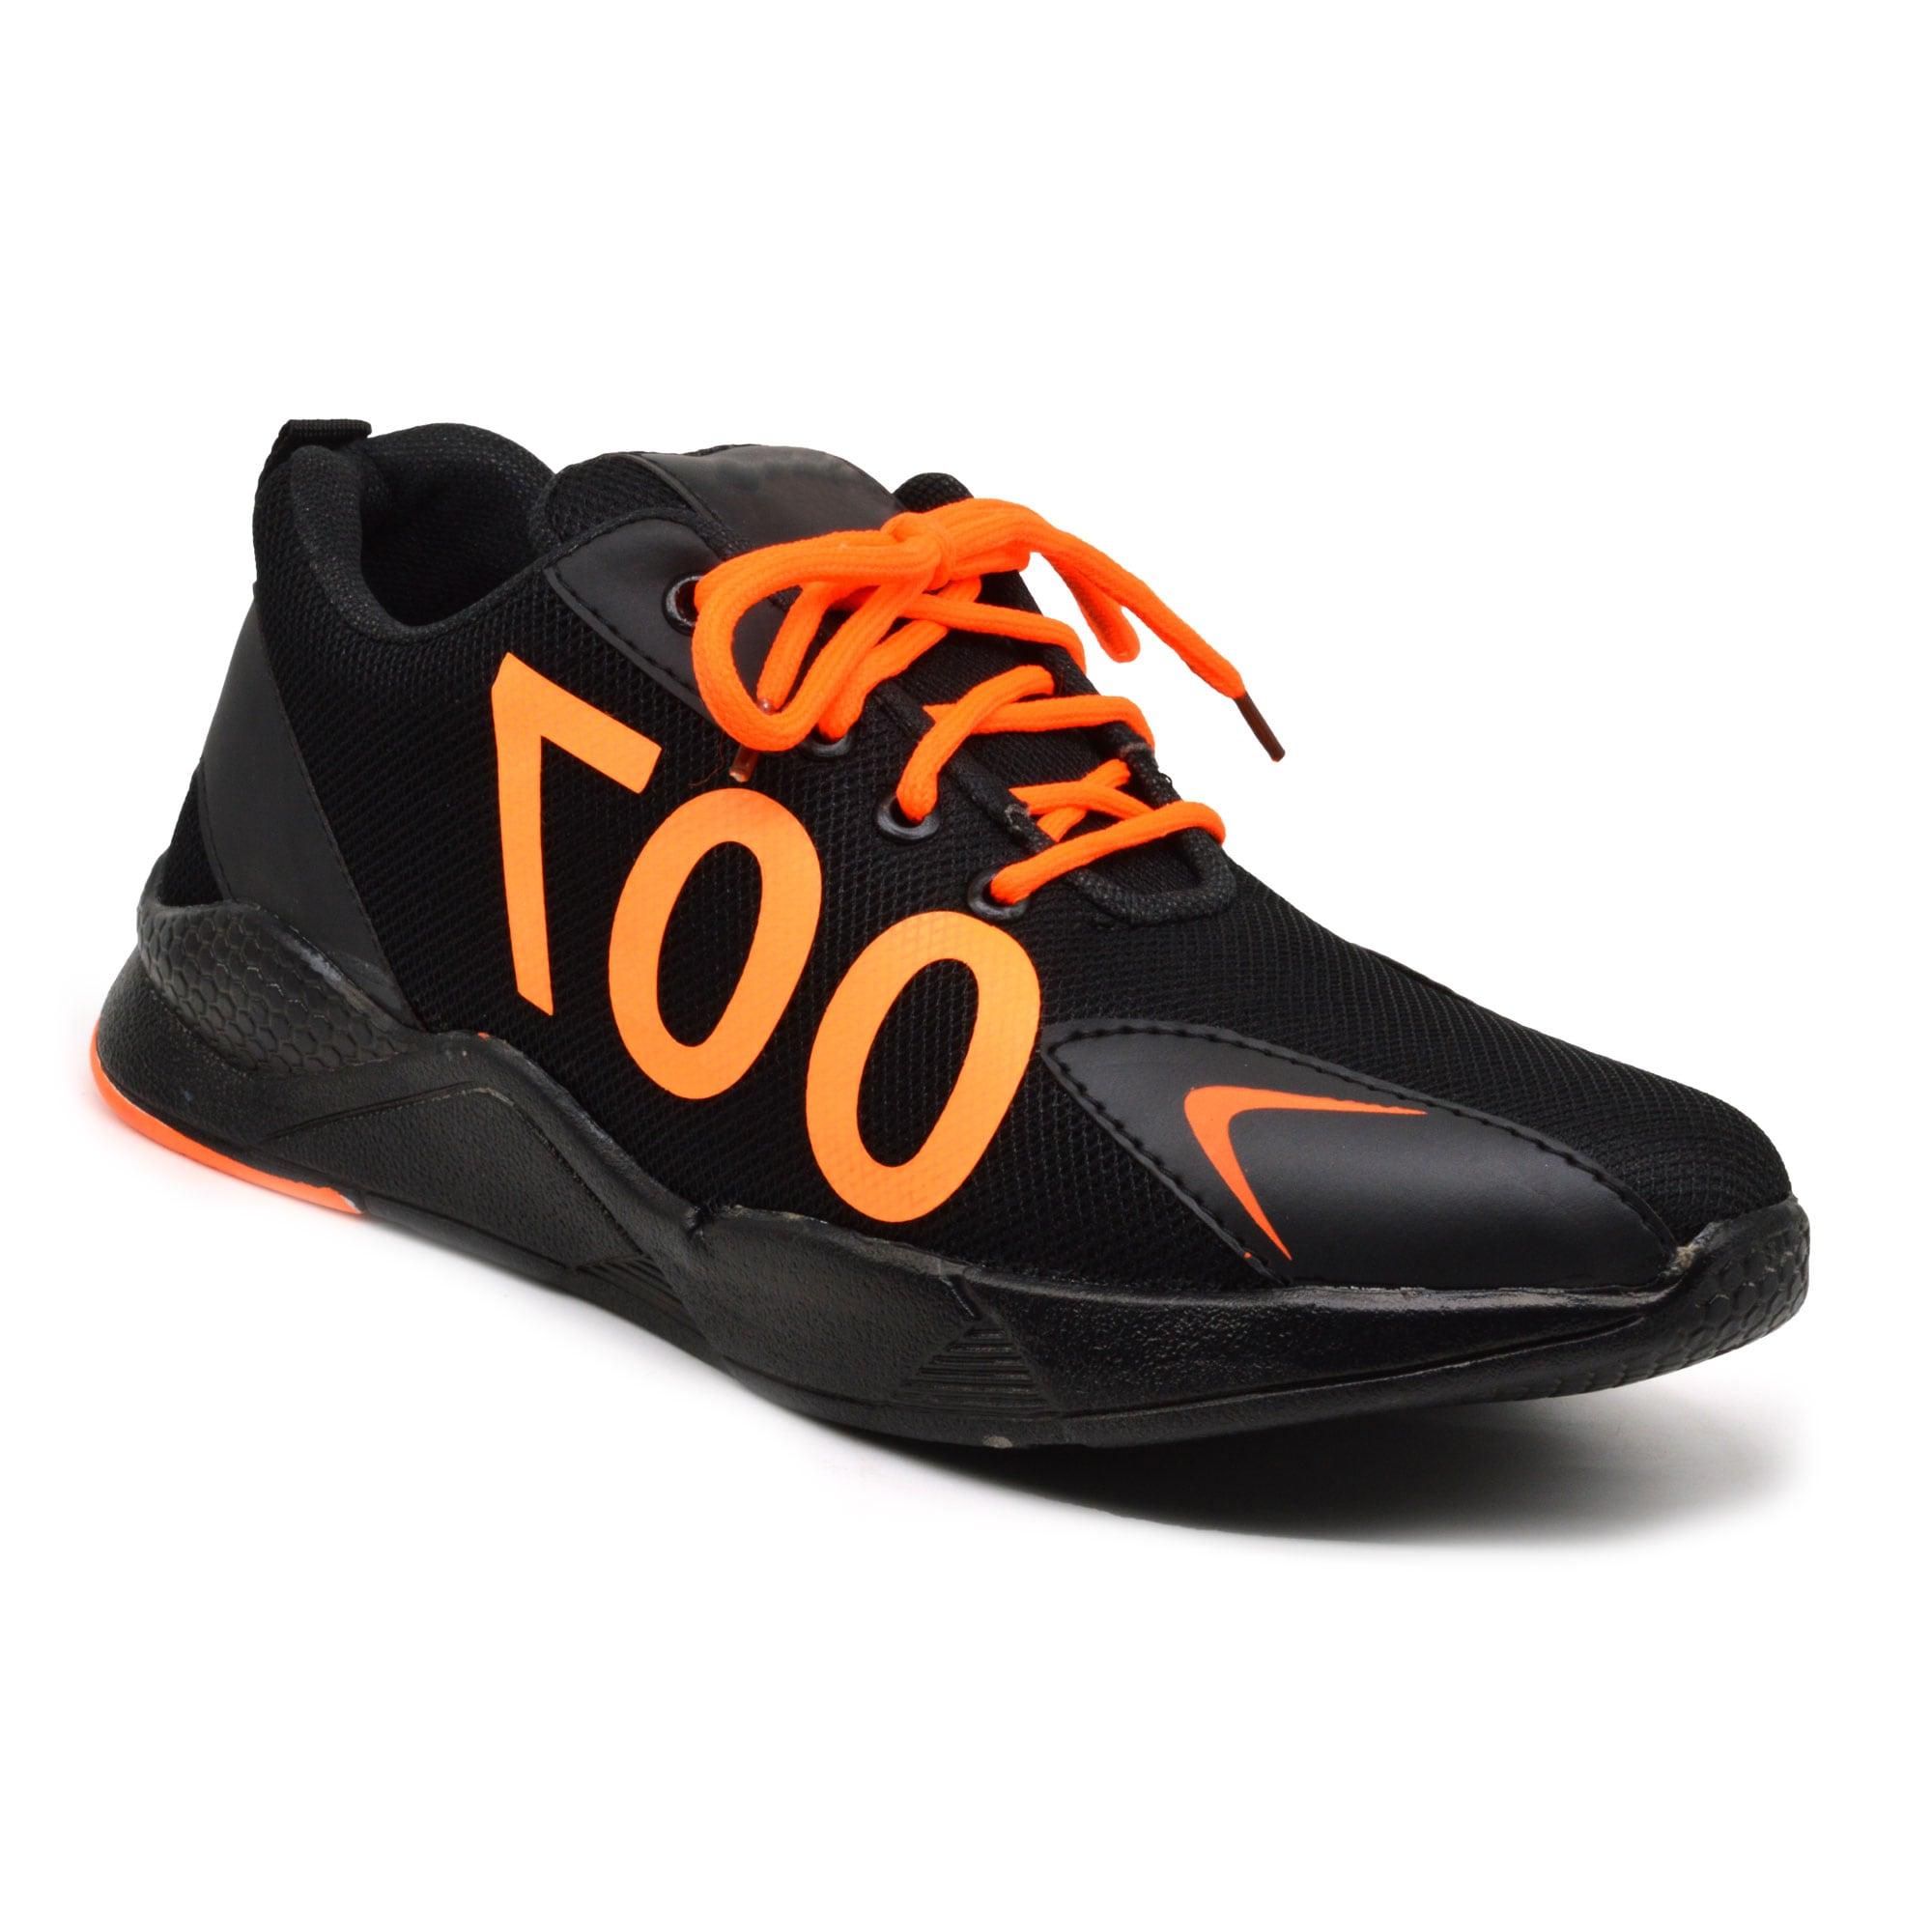 IMCOLUS30.193_BLACK FLEXIBLE &COMFOTABLE MENS Sports Shoes SHOES  IMCOLUS30.193_BLACK (BLACK,6TO10,8 PAIR)